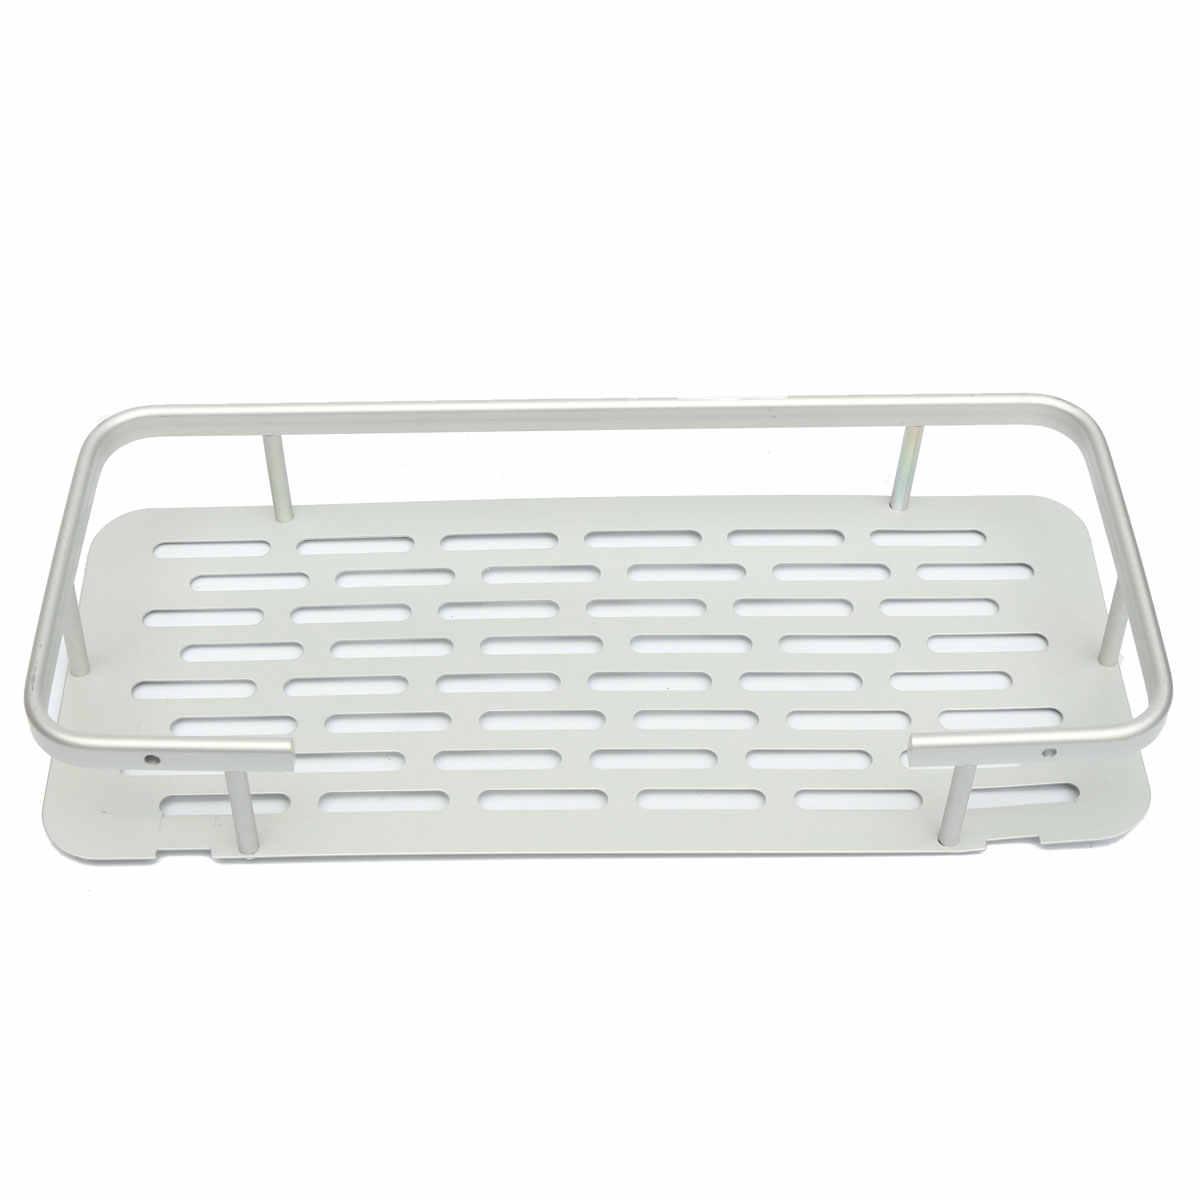 1/2/3 poziomy łazienka prysznic Aluminium wanna uchwyt do szampony żel pod prysznic kuchnia domu balkon półki wiszące stojak do przechowywania